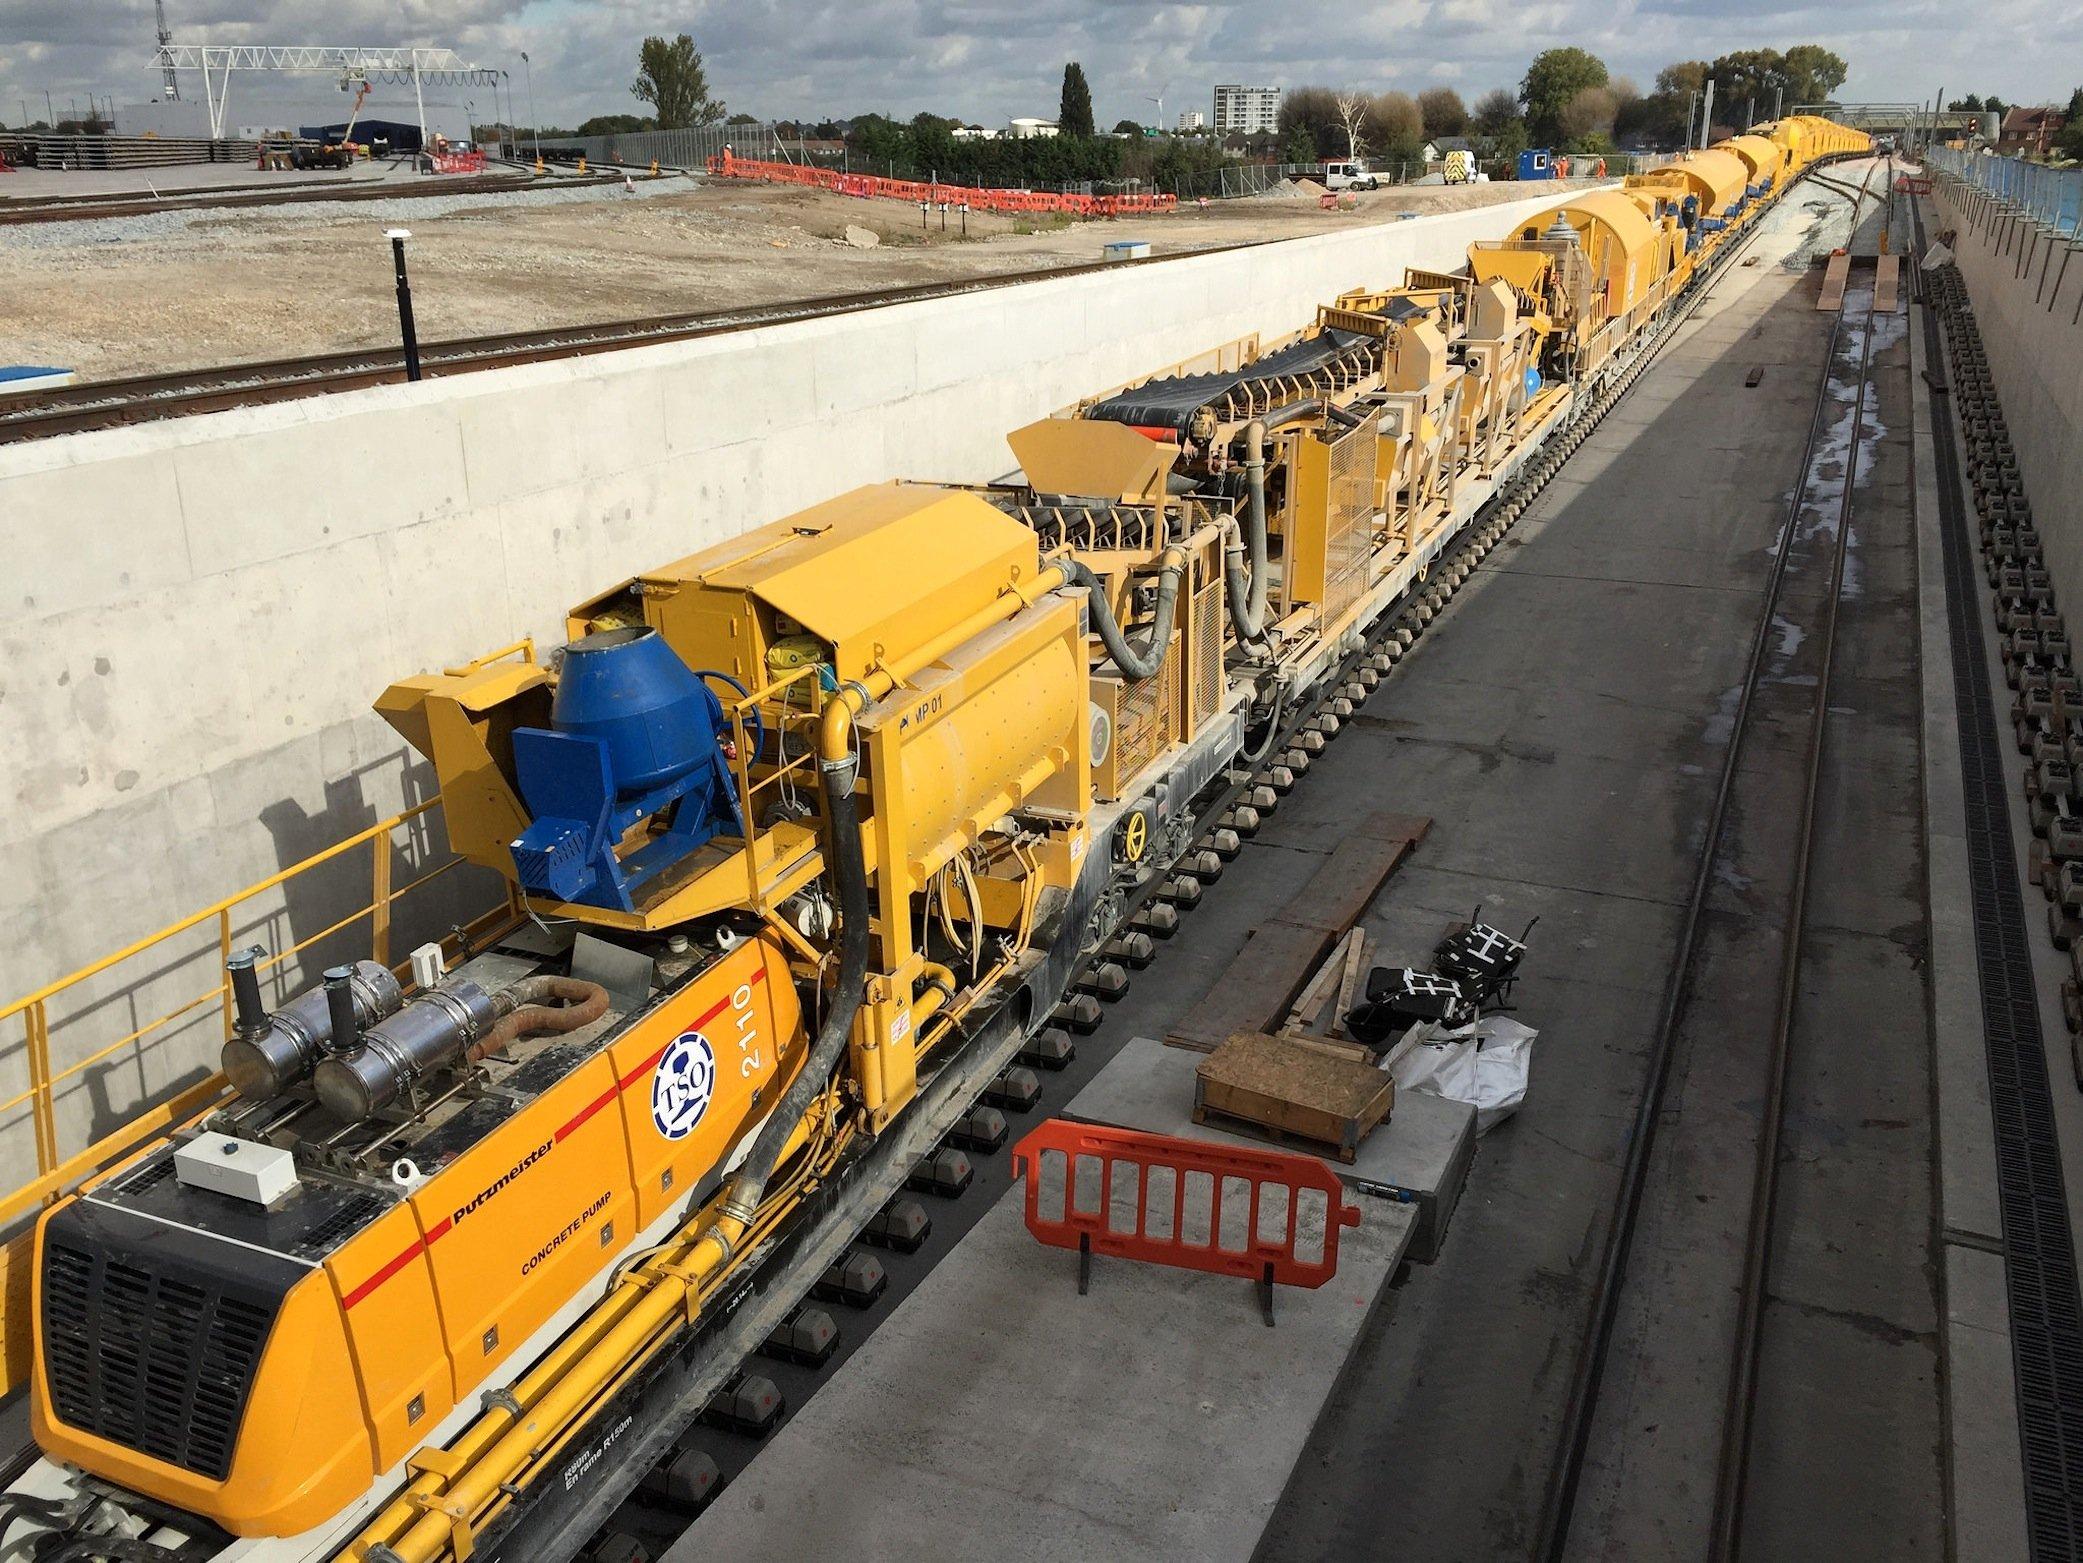 Riesige Mengen Abraum müssen aus den Tunnelröhren herausgeschafft werden. Acht Tunnelbohrmaschinen sind gleichzeitig im Einsatz.